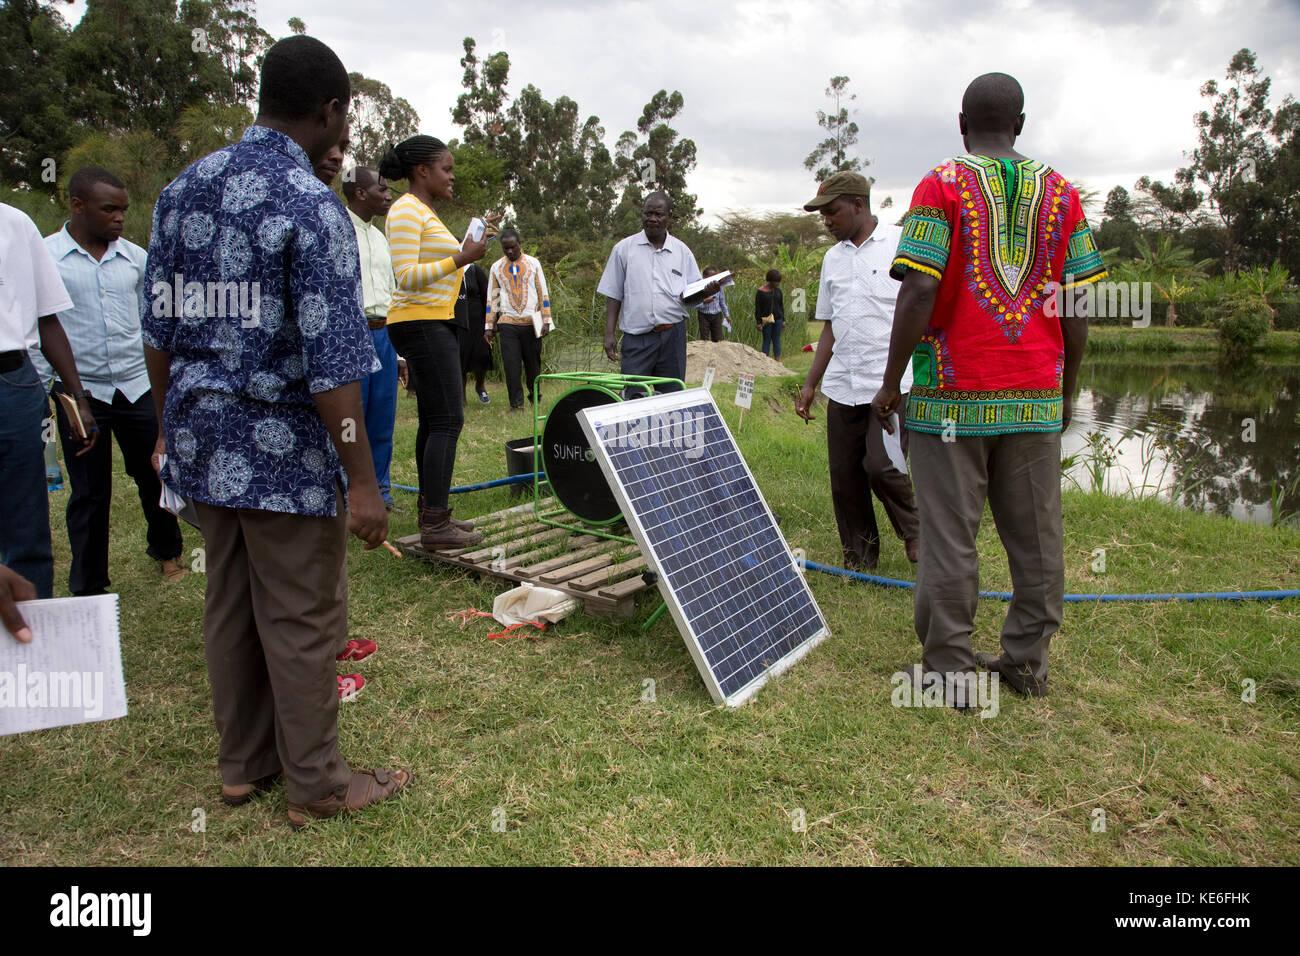 Kursleiter erklärt solar panel angetriebene Pumpe zu afrikanischen Lehrer auf Gartenbau künstlichen Feuchtgebieten Stockbild